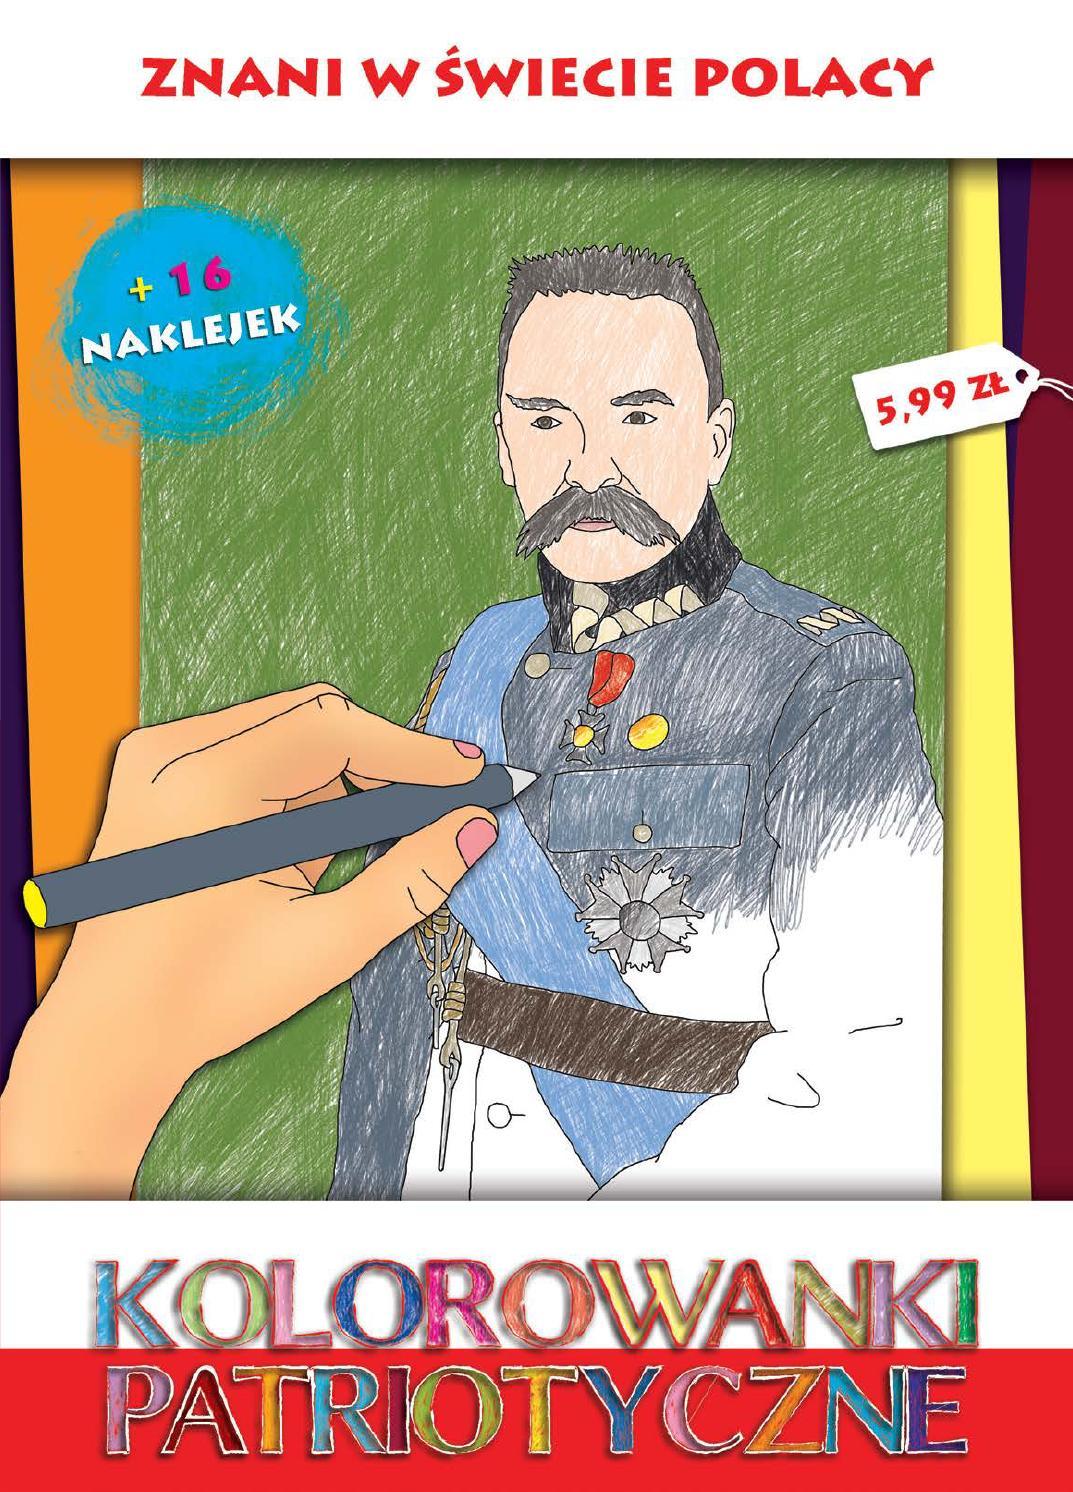 Kolorowanki Patriotyczne Znani W Swiecie Polacy By F H Sfinks Issuu